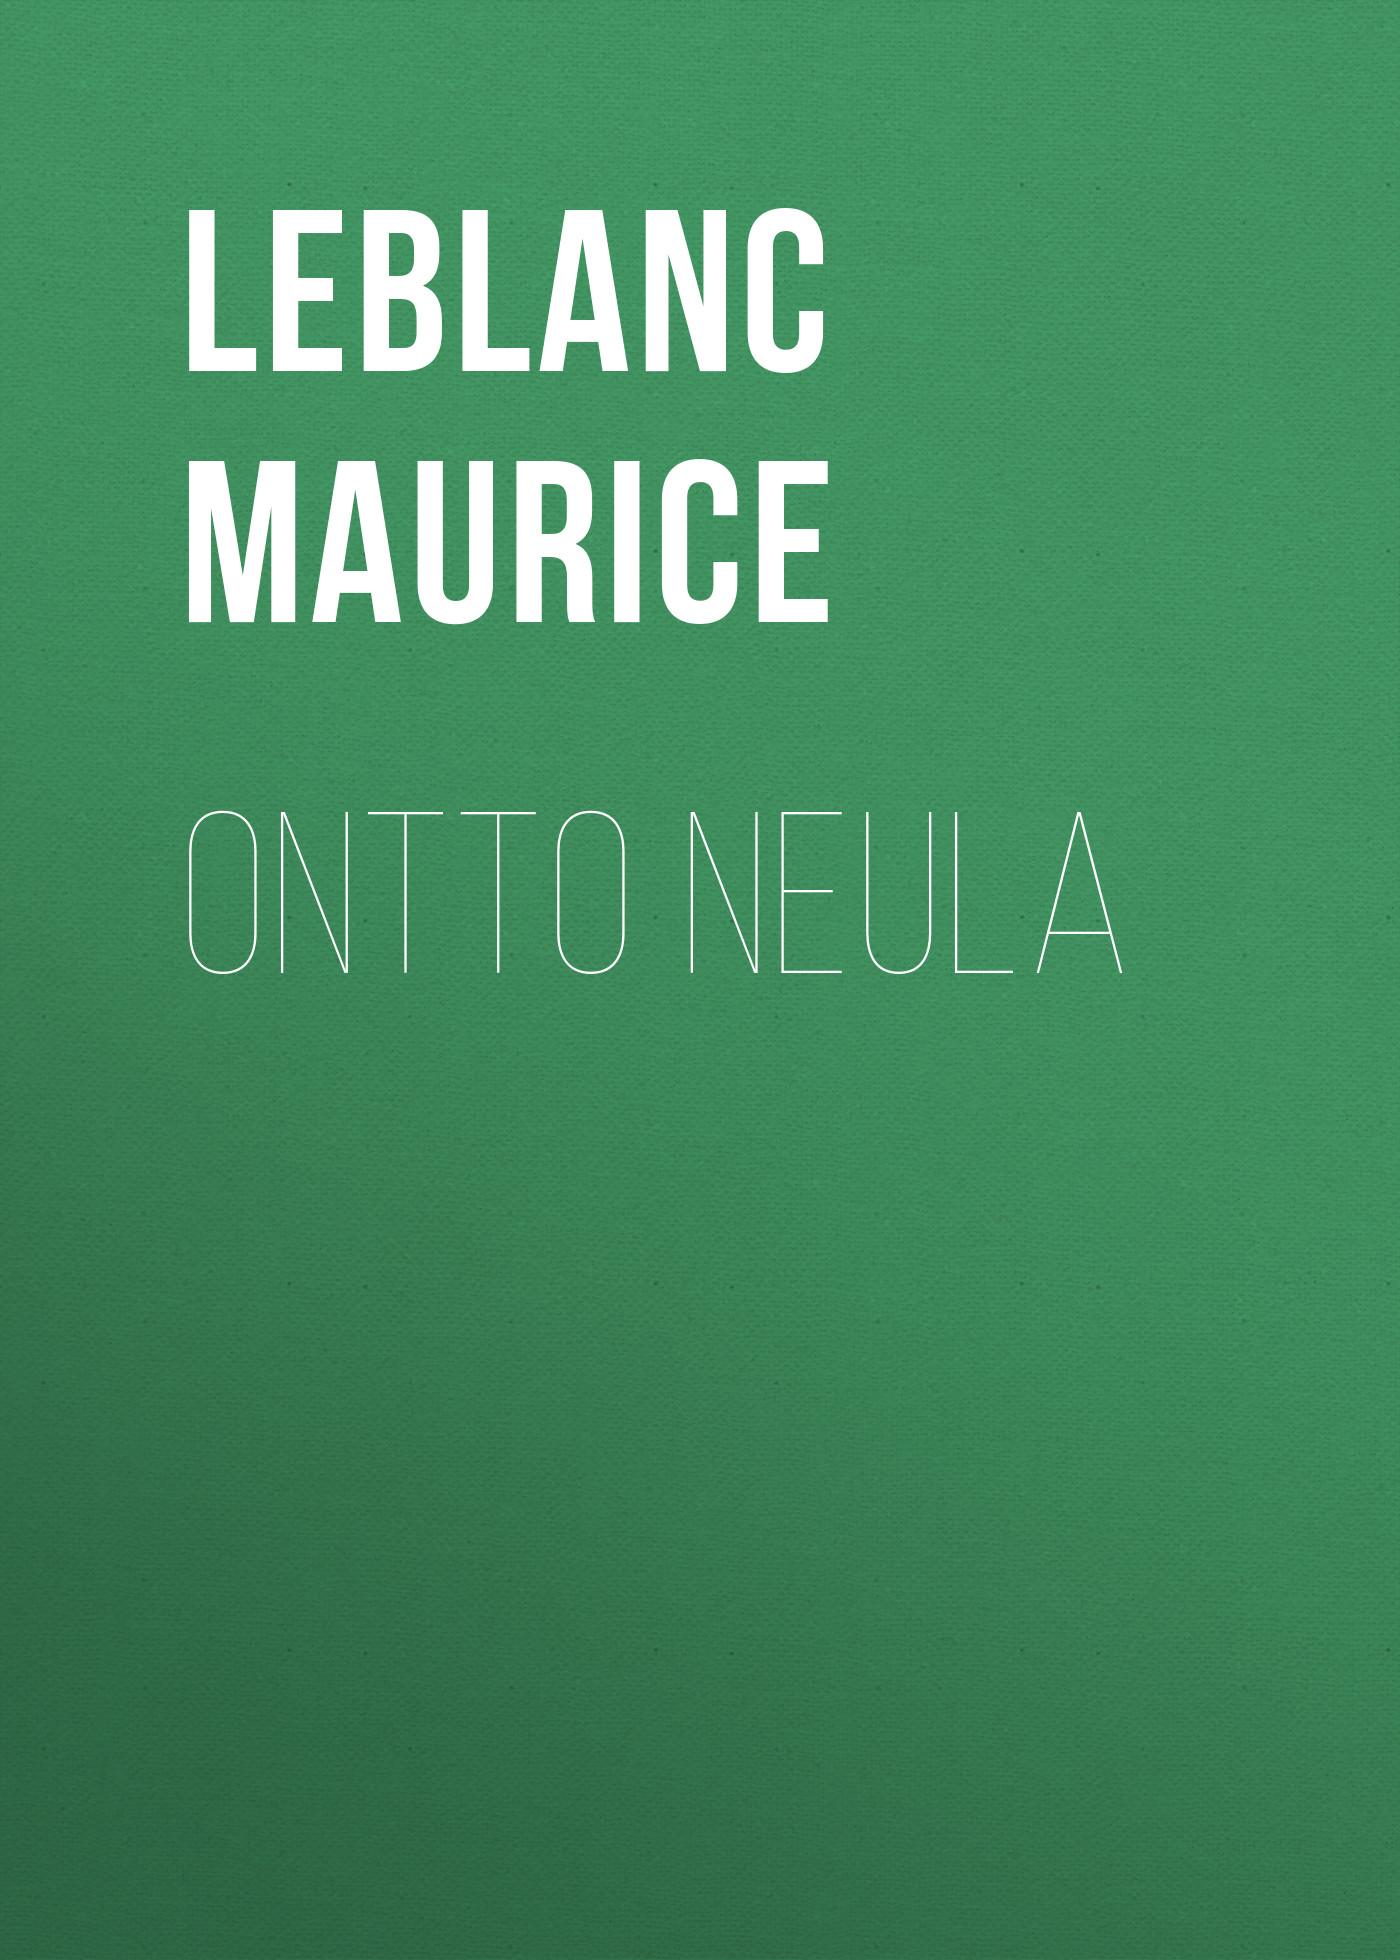 Leblanc Maurice Ontto neula leblanc maurice the teeth of the tiger